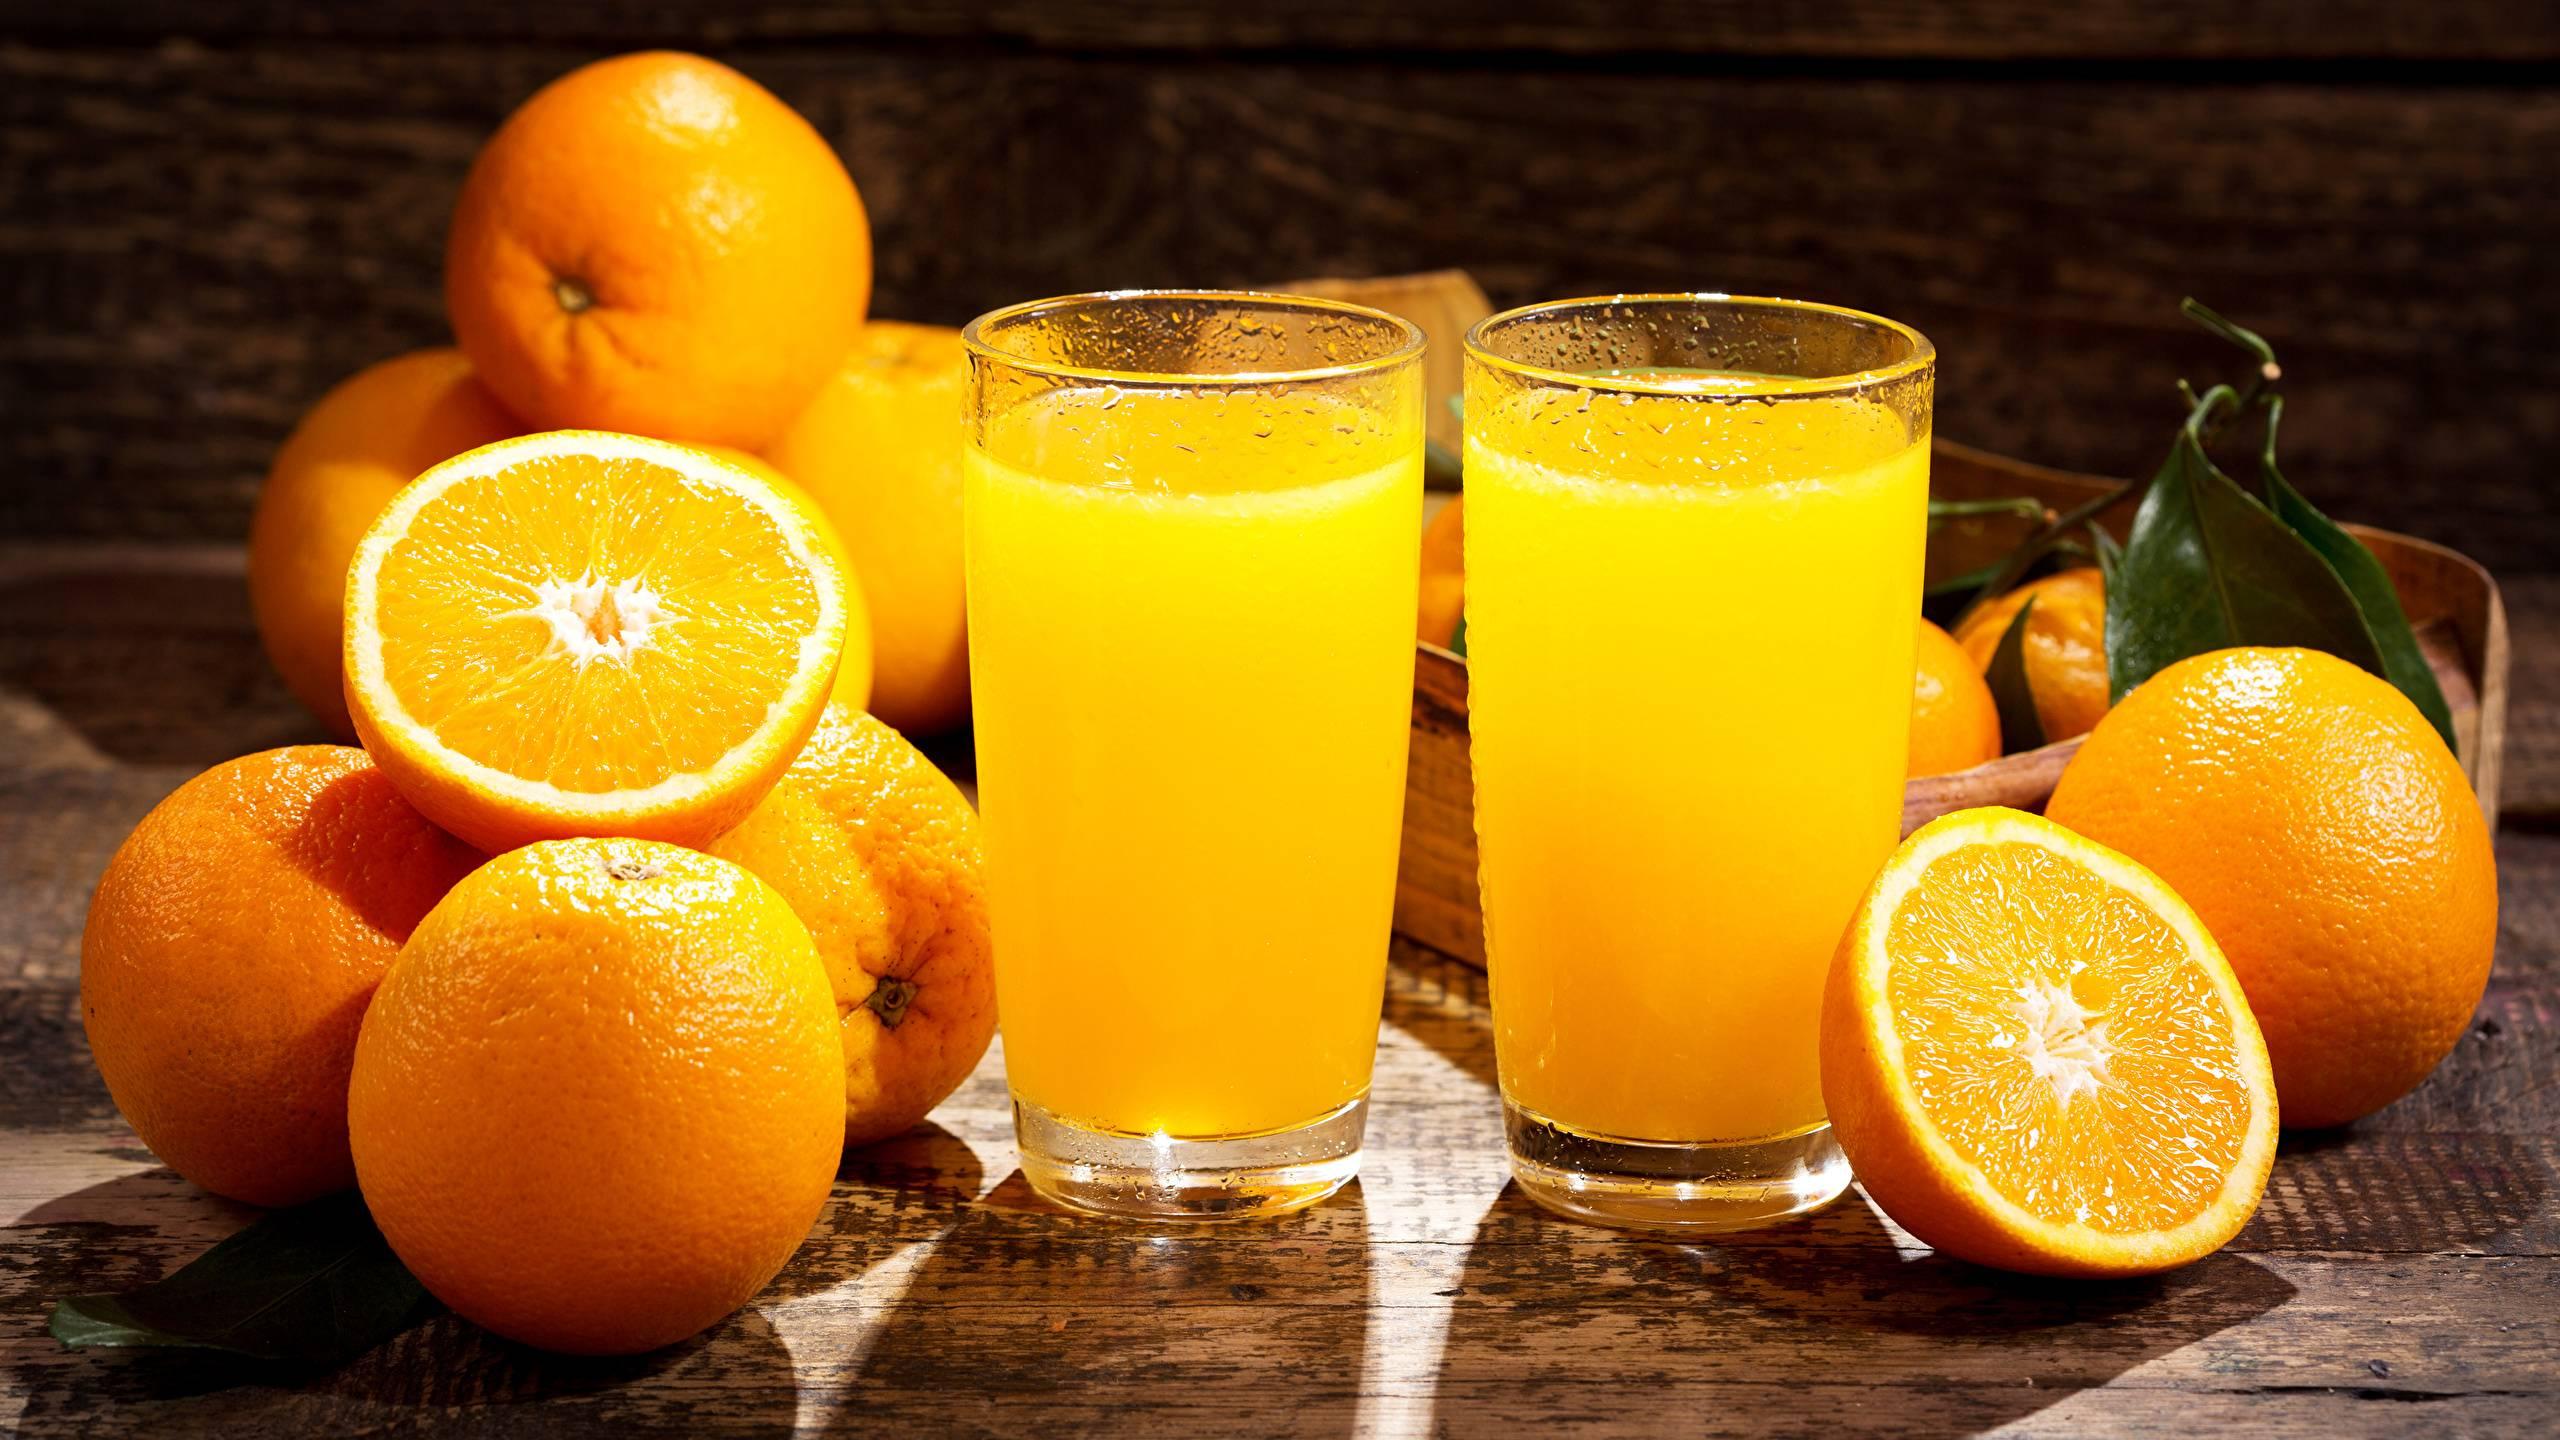 Апельсин - калорийность (100 г), химический состав и пищевая ценность, количество углеводов